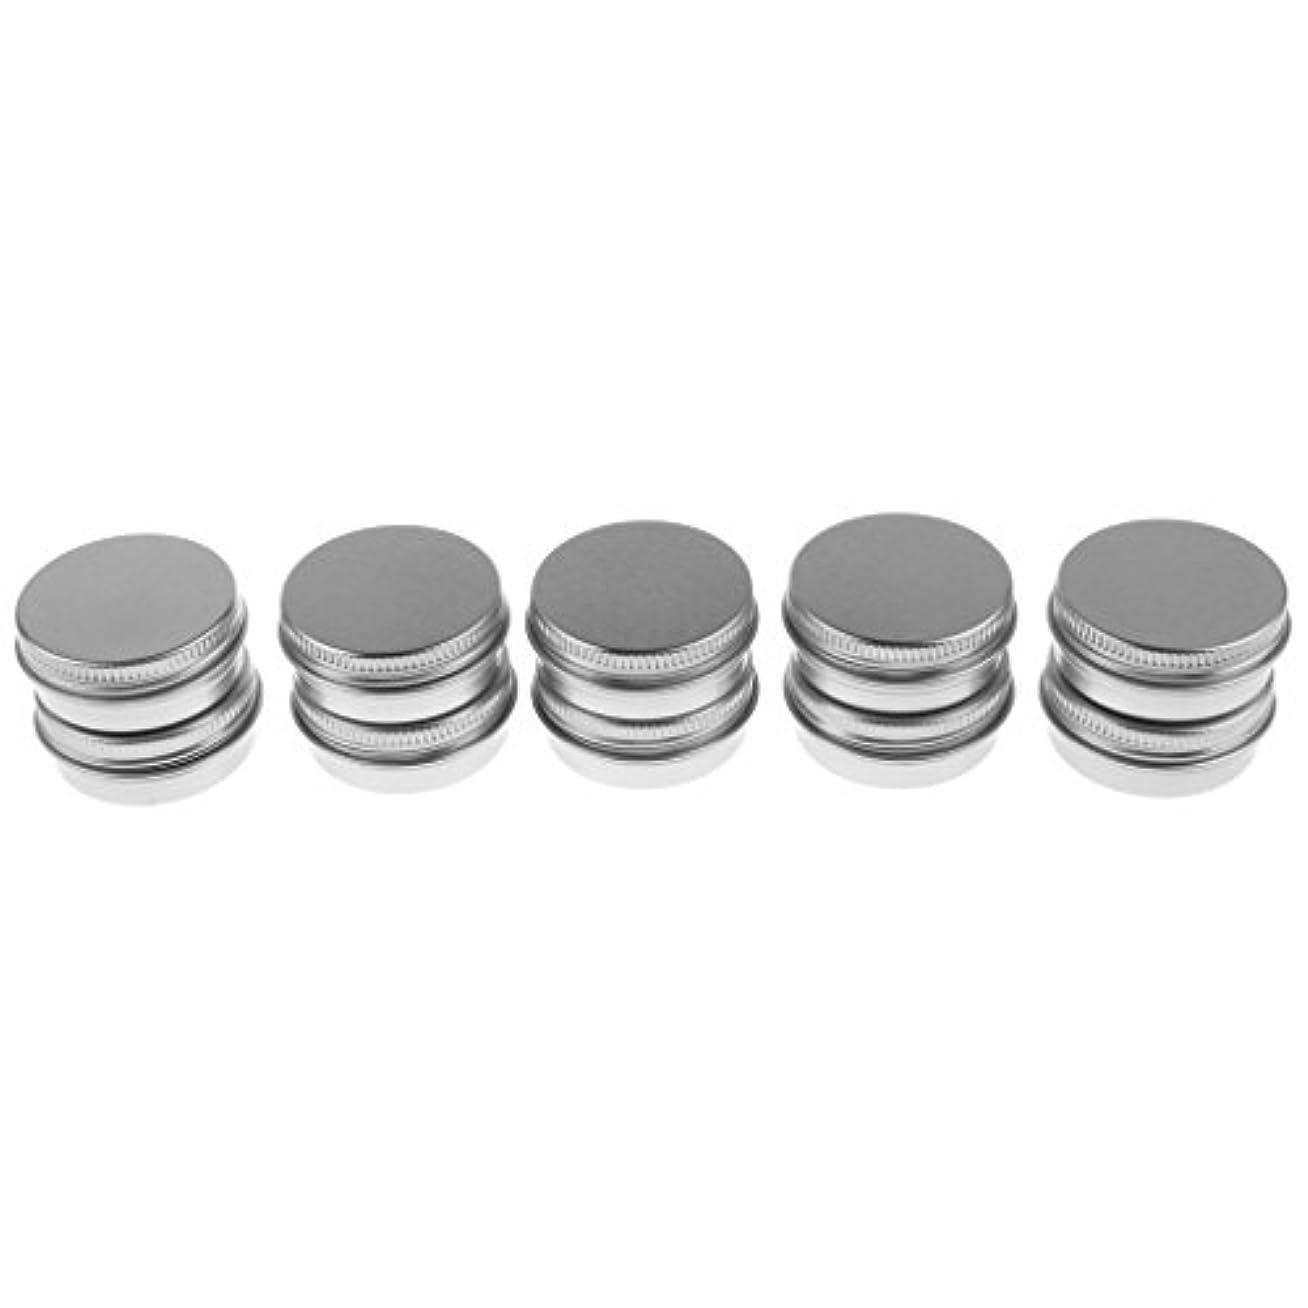 三角一方、サイレントFenteer 10個入り 化粧品用 空 瓶 クリーム 缶 容器 缶ケース 蓋付き 15g 生活 便利 グッズ